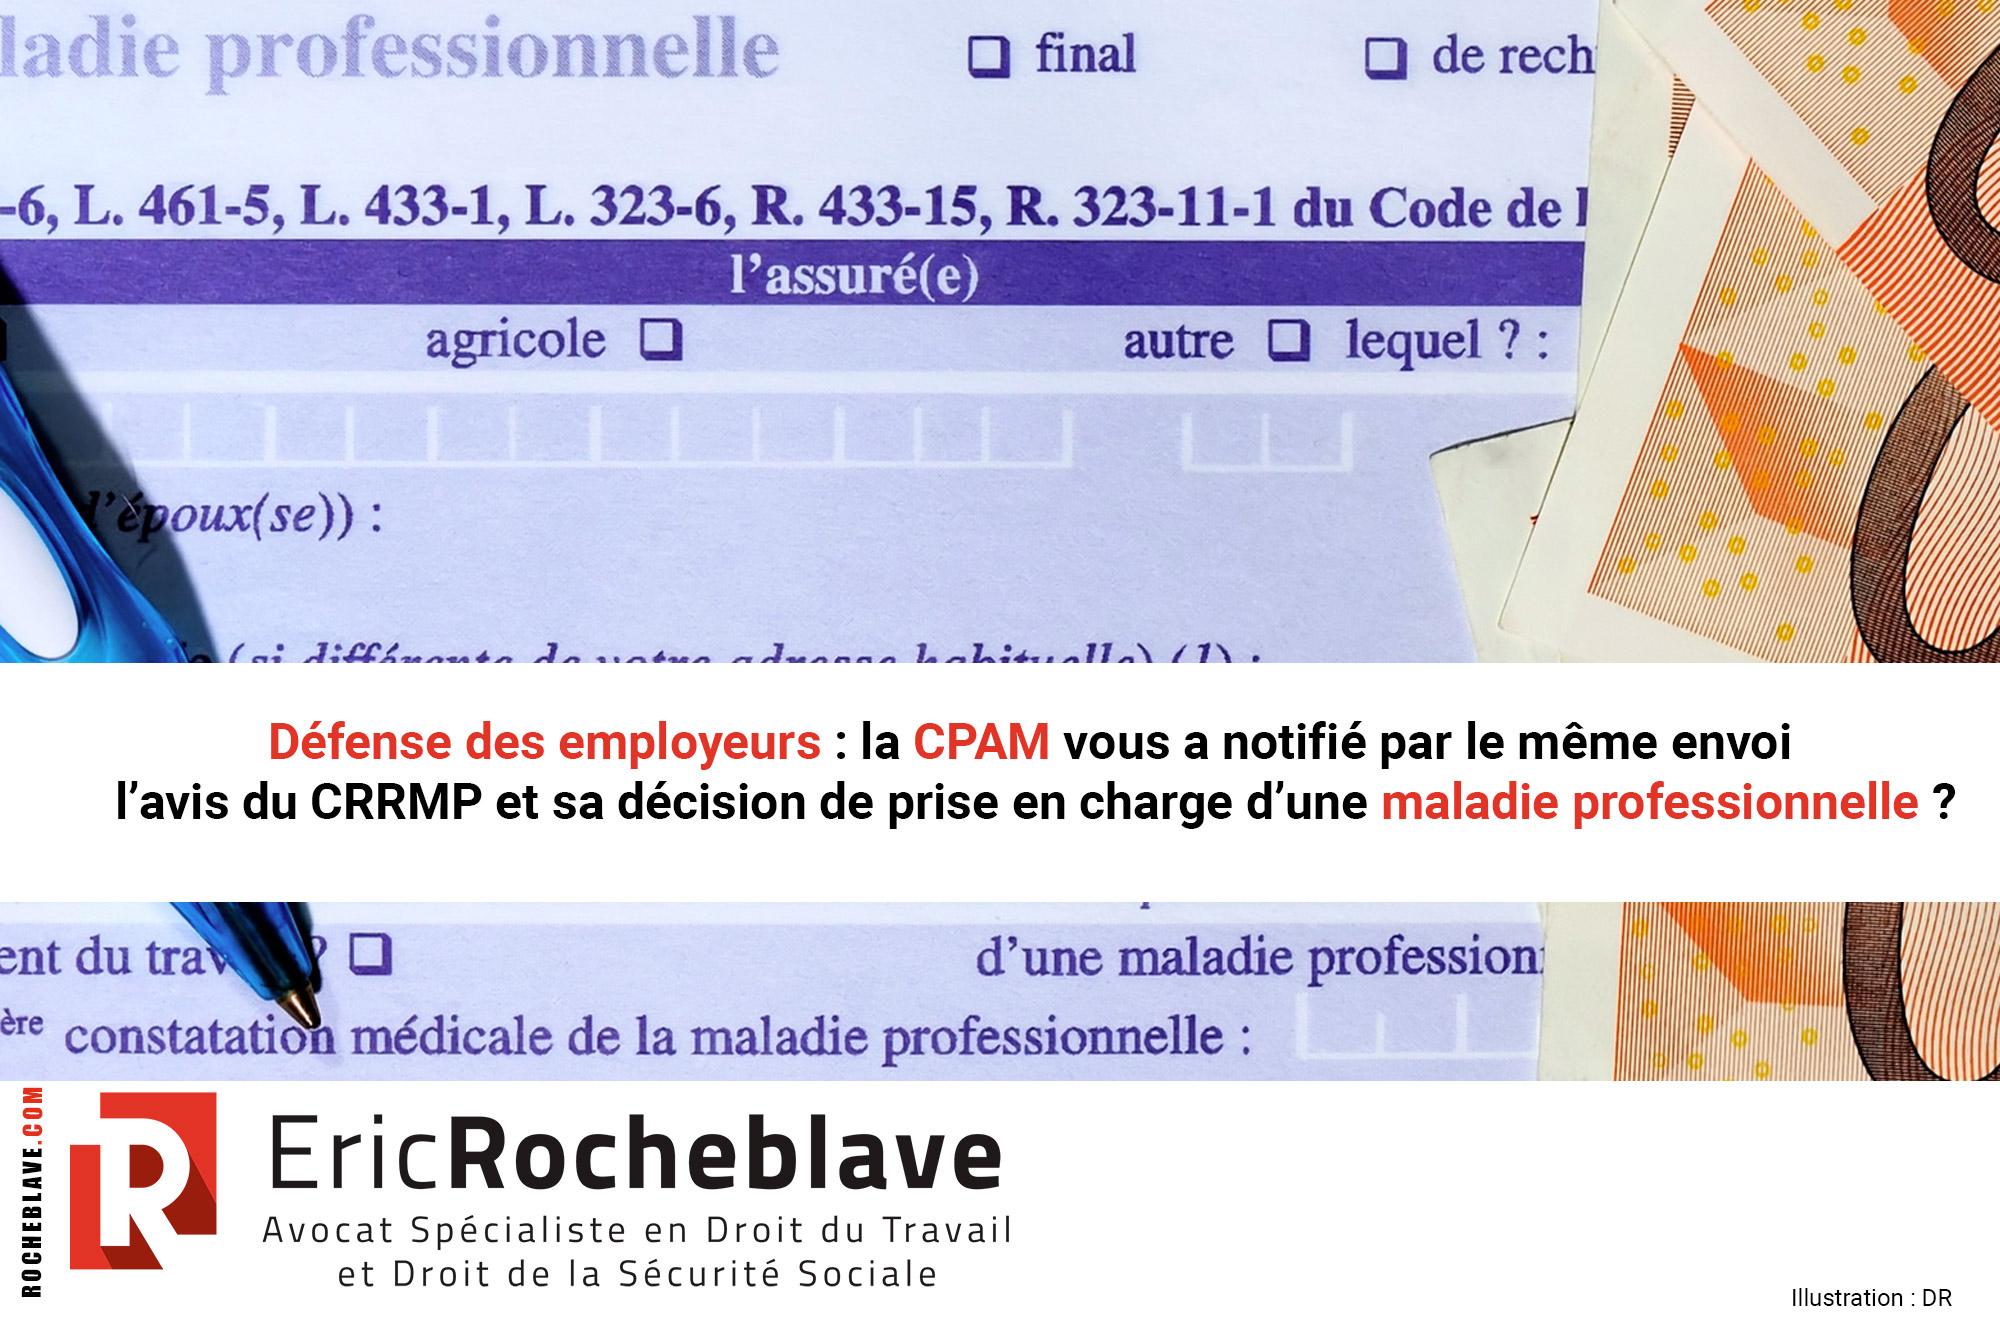 Défense des employeurs : la CPAM vous a notifié par le même envoi l'avis du CRRMP et sa décision de prise en charge d'une maladie professionnelle ?